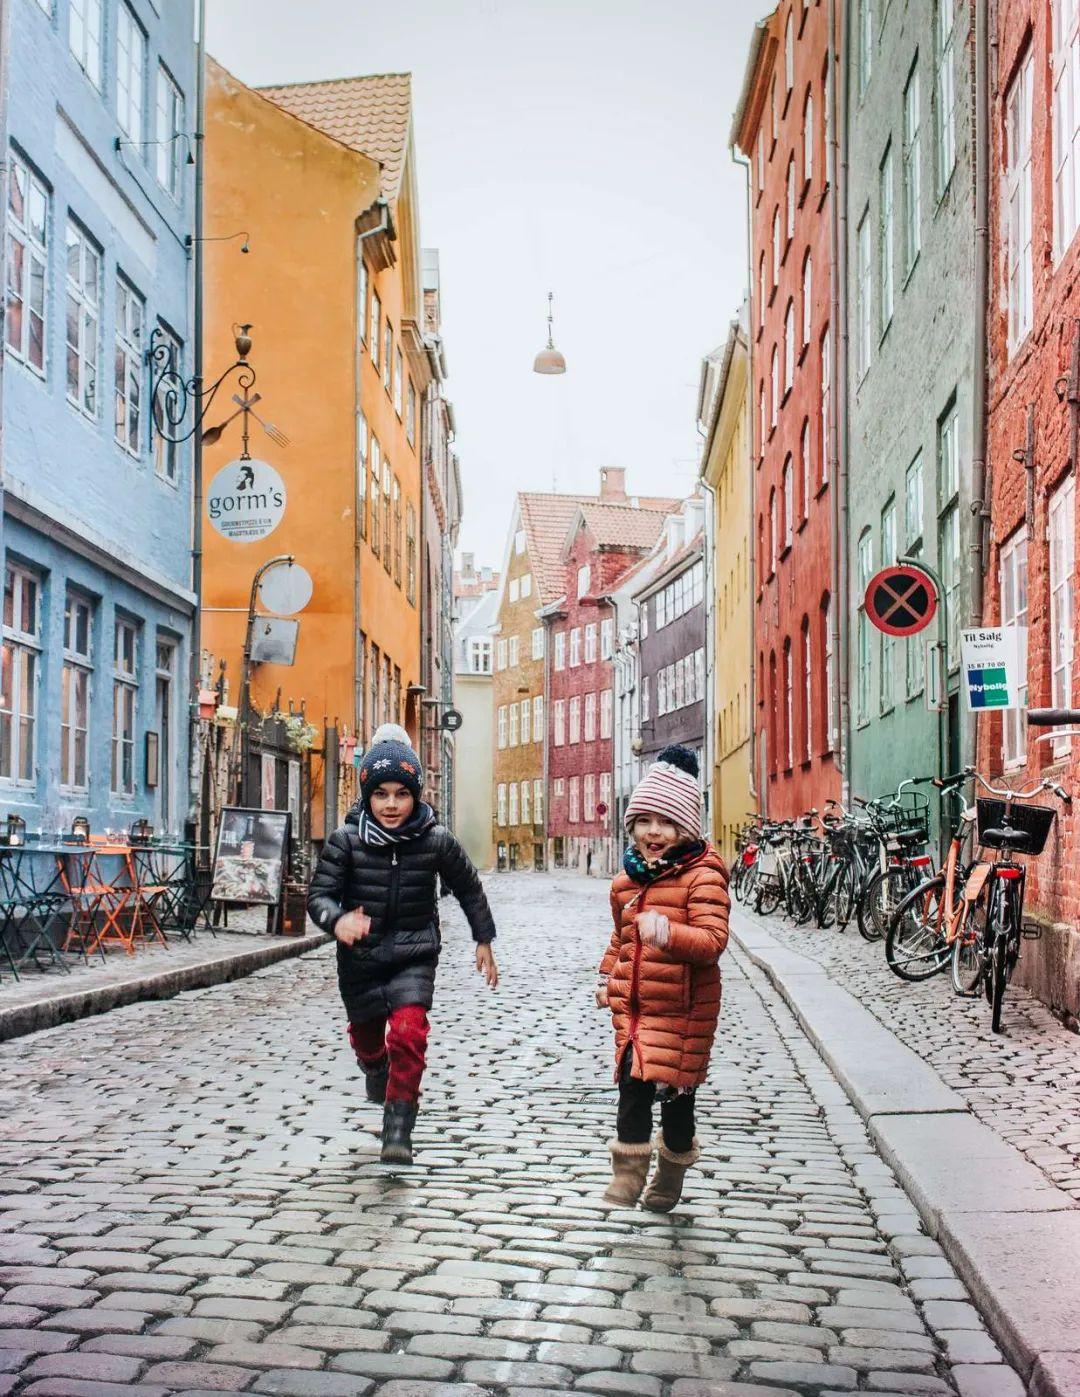 全世界最适合养娃 的国家,丹麦凭什么咧